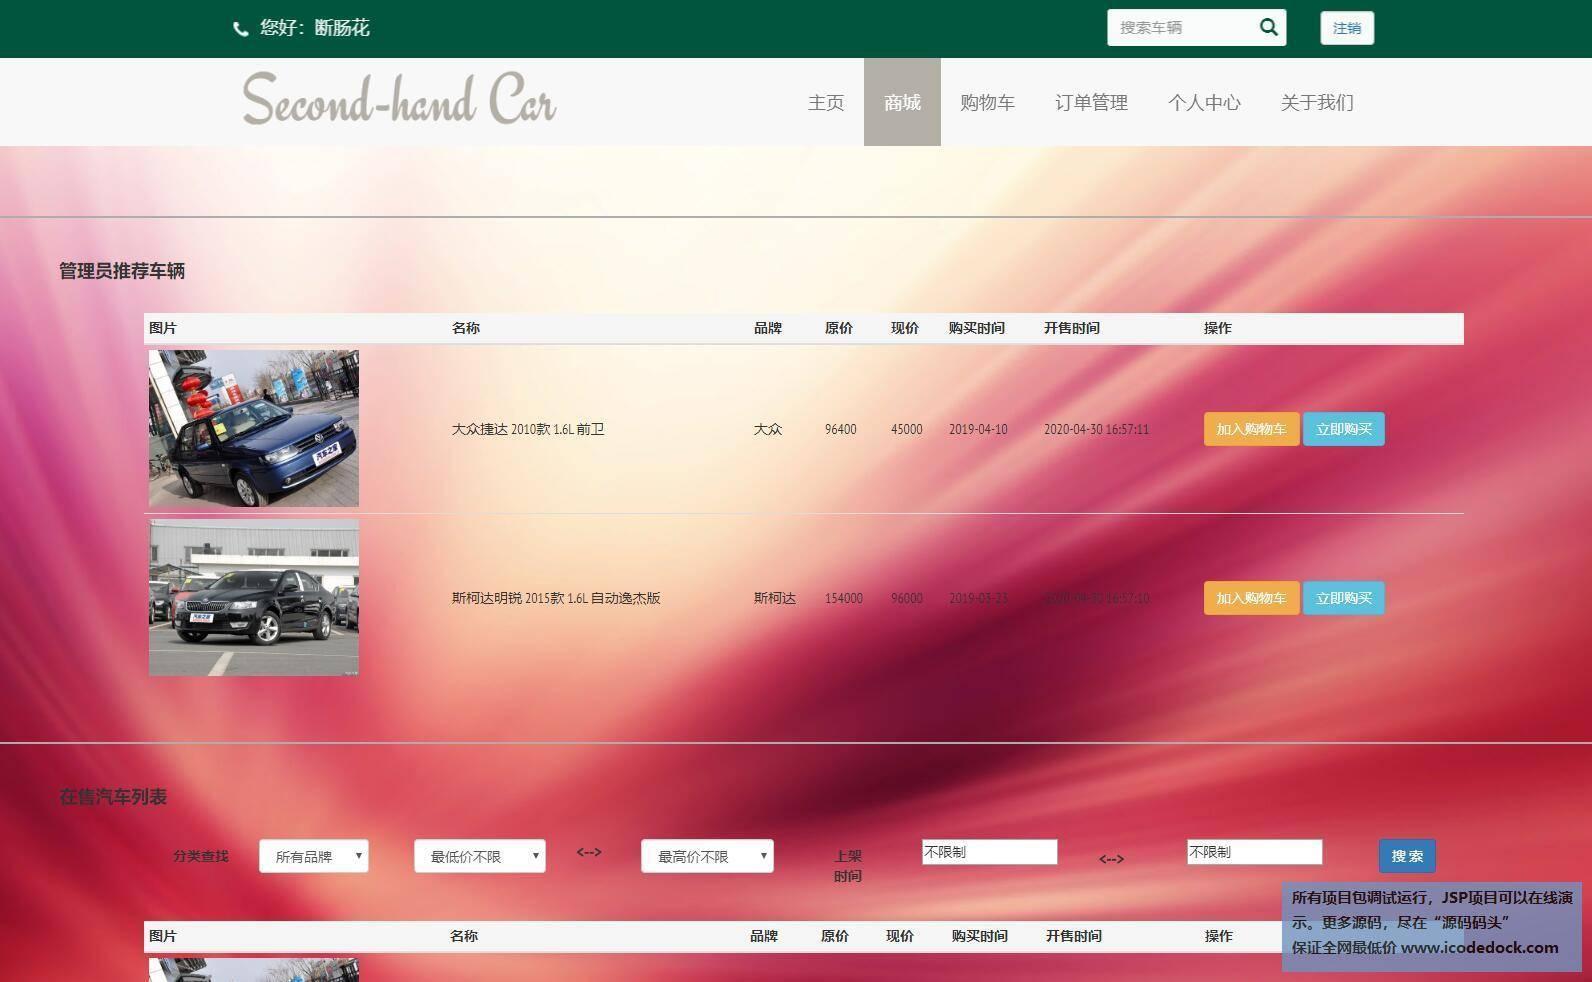 源码码头-SSM二手汽车交易商城网站管理系统-用户角色-购物商城